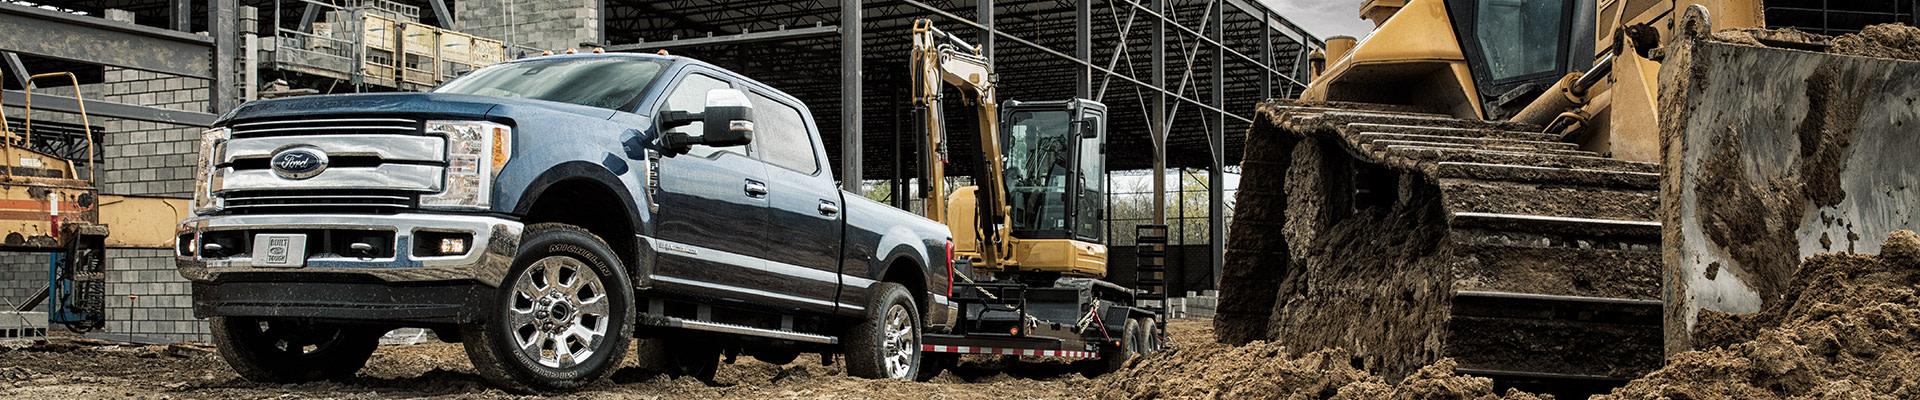 2019 Ford Super Duty trucks